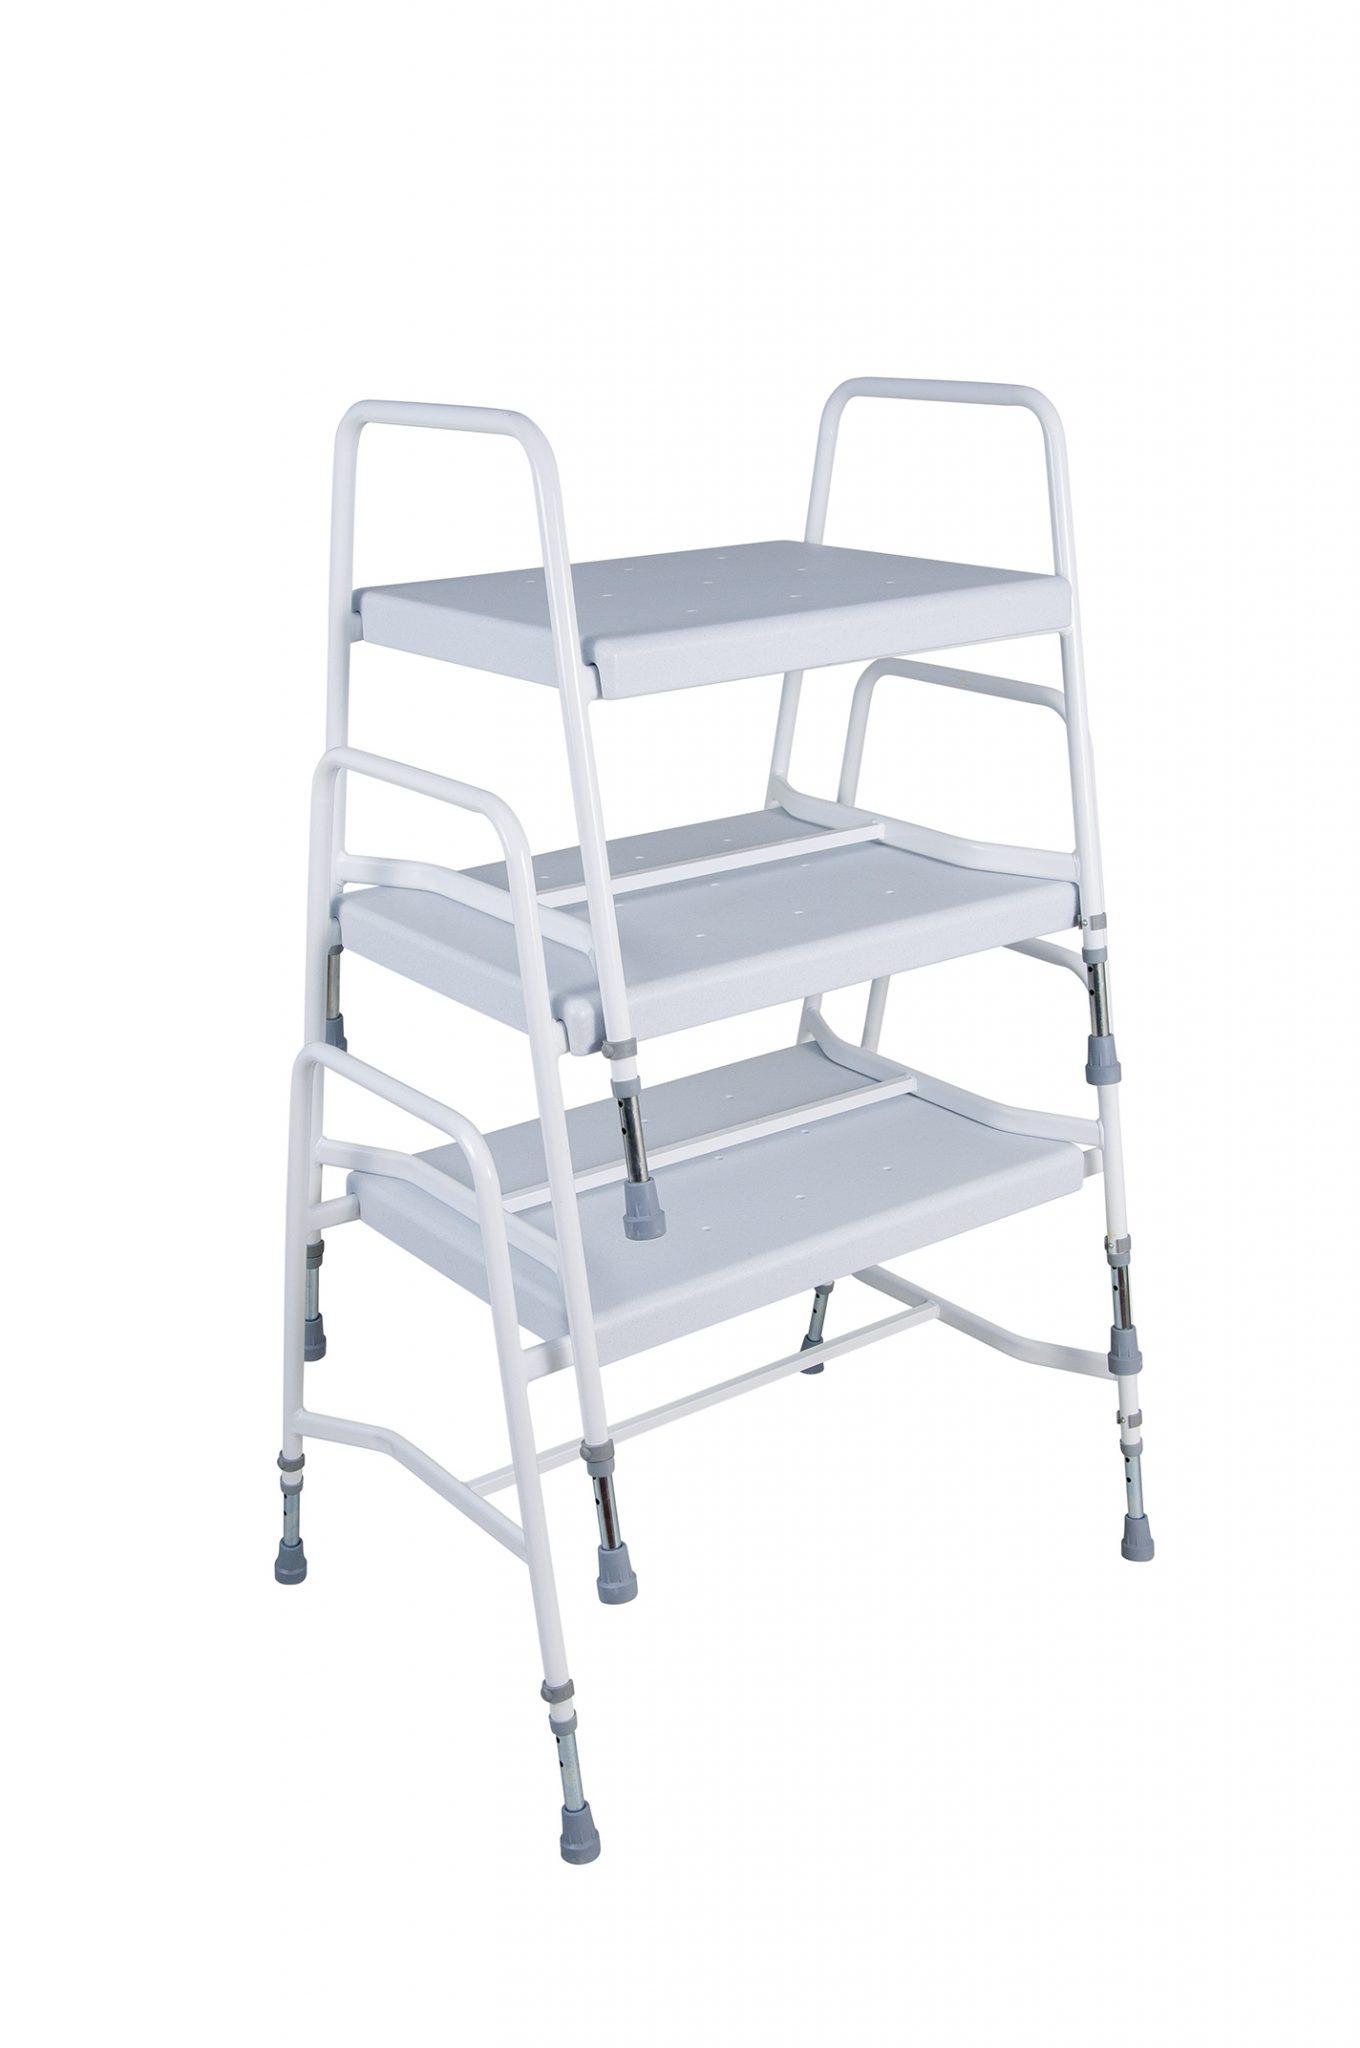 m156 mediatric shower stool - Shower Stool